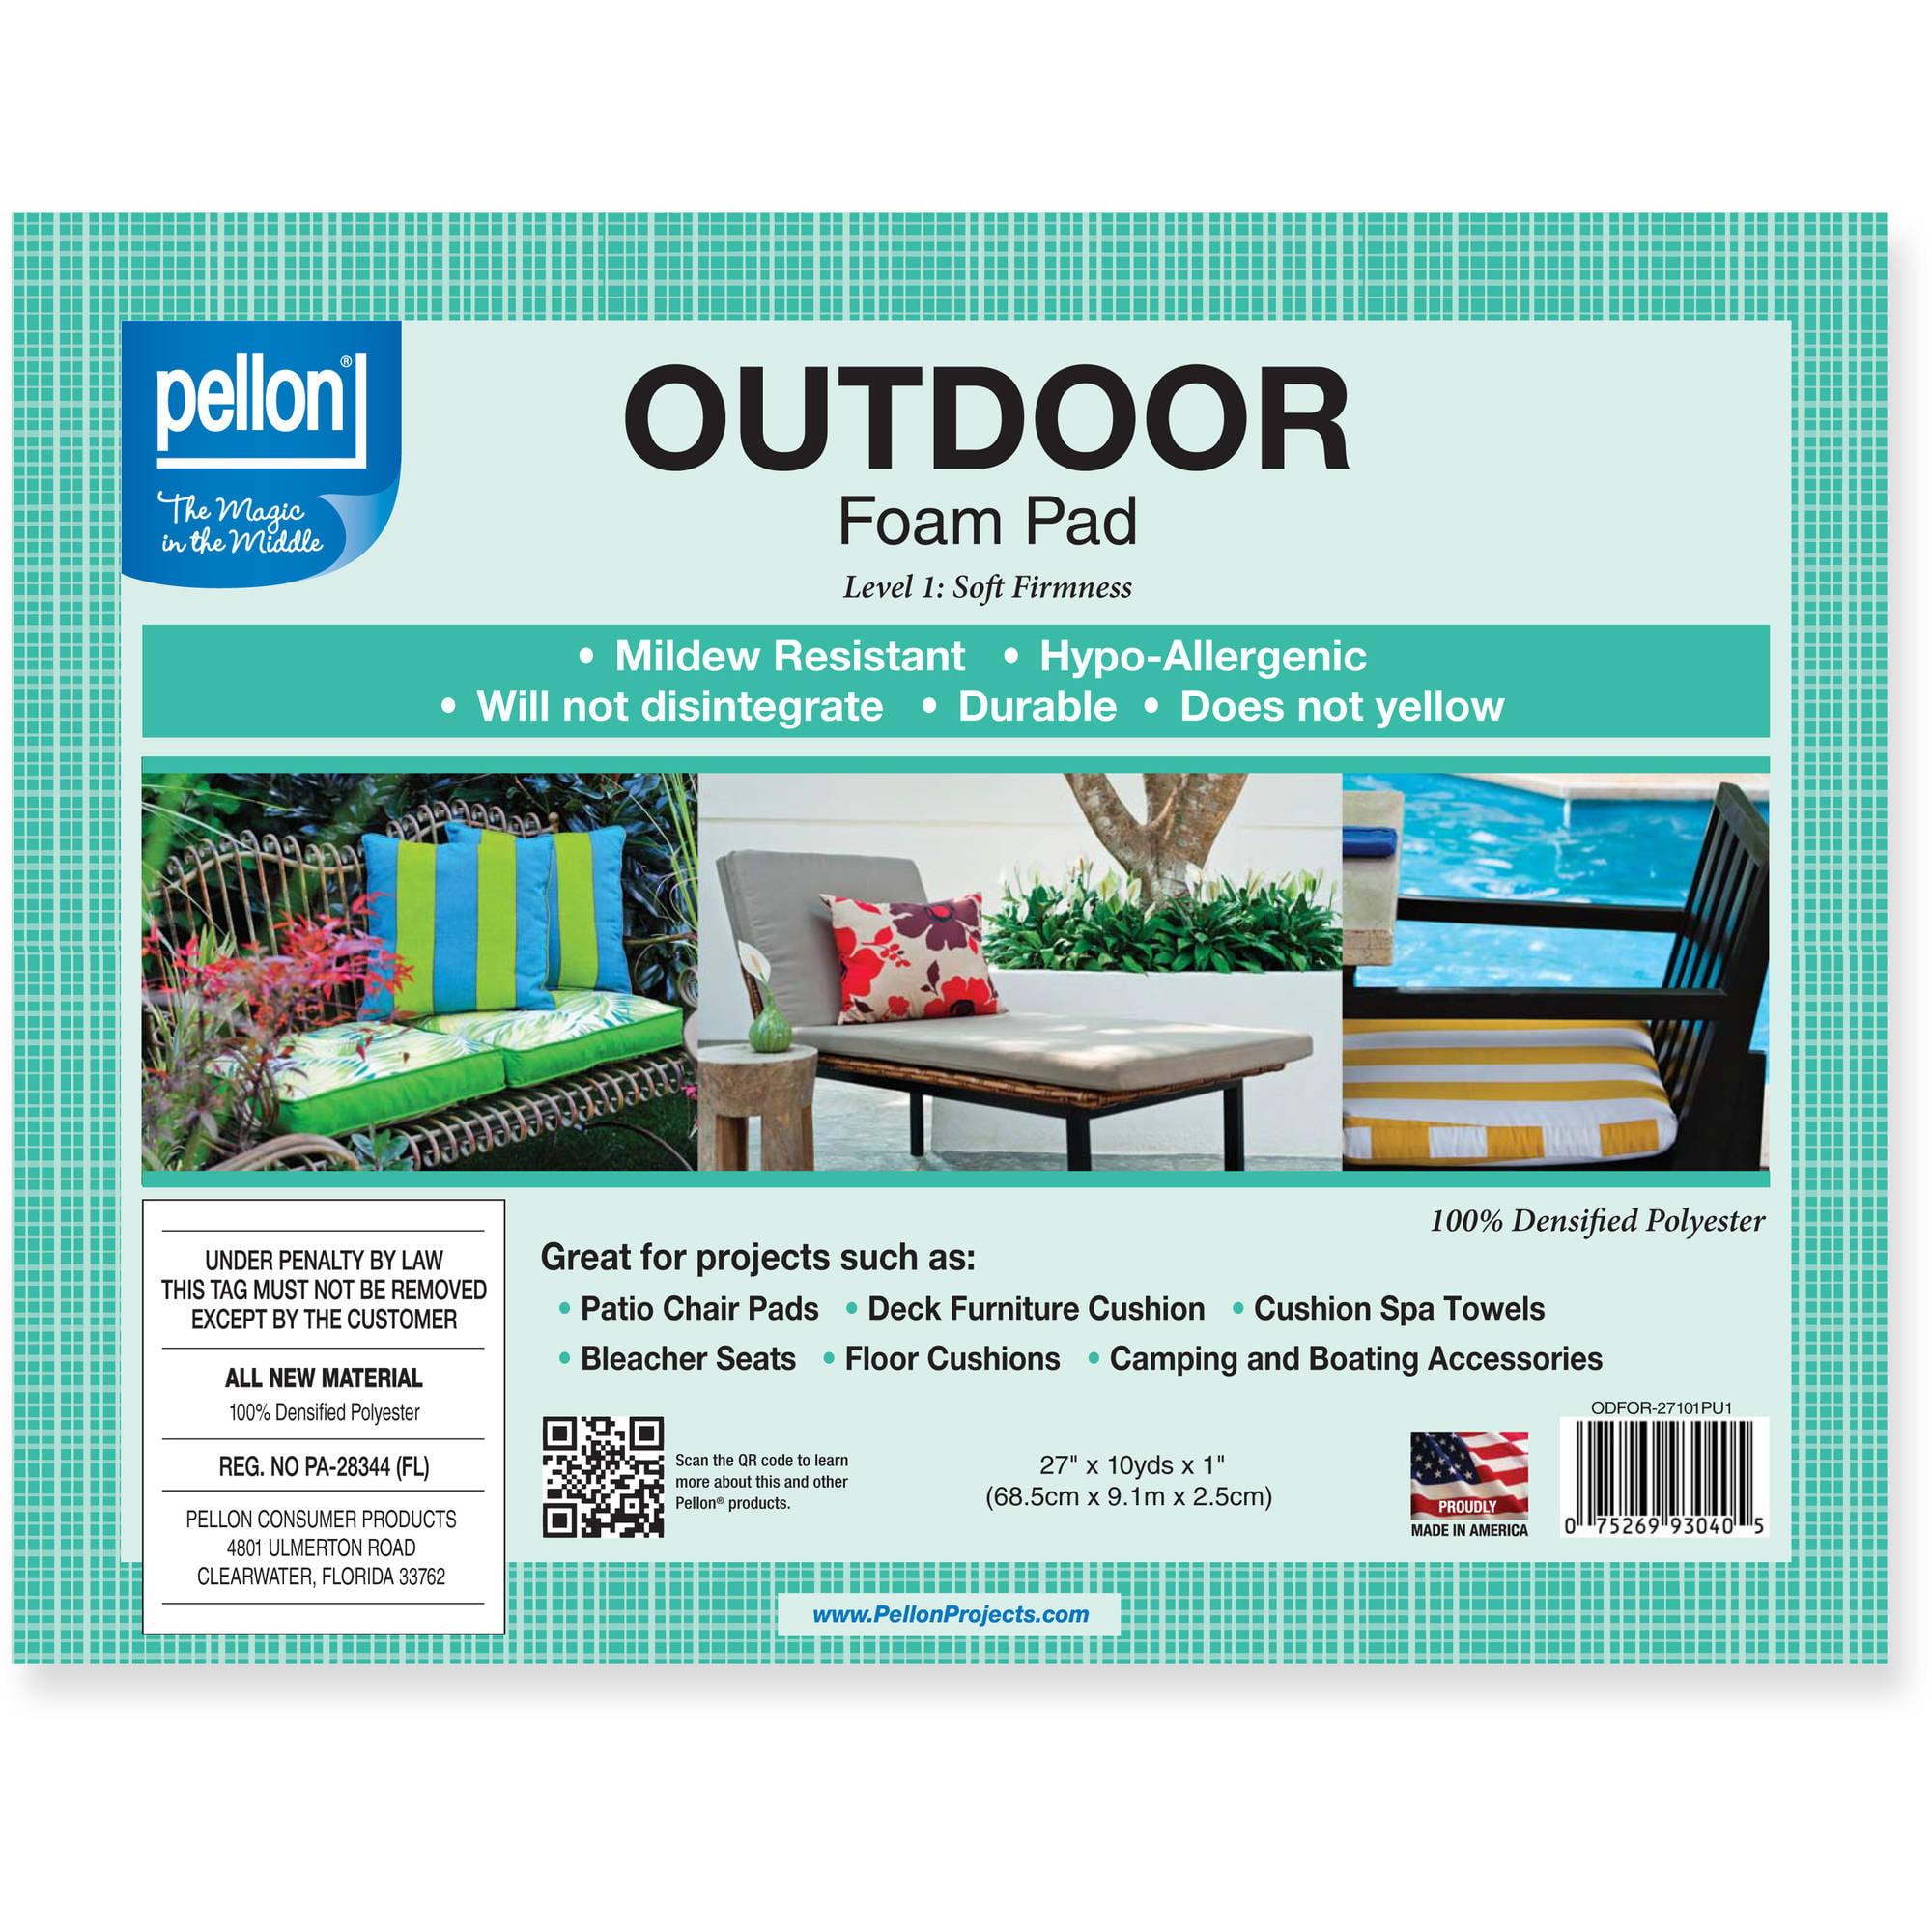 Pellon Outdoor Foam Roll Densified Polyester Walmartcom